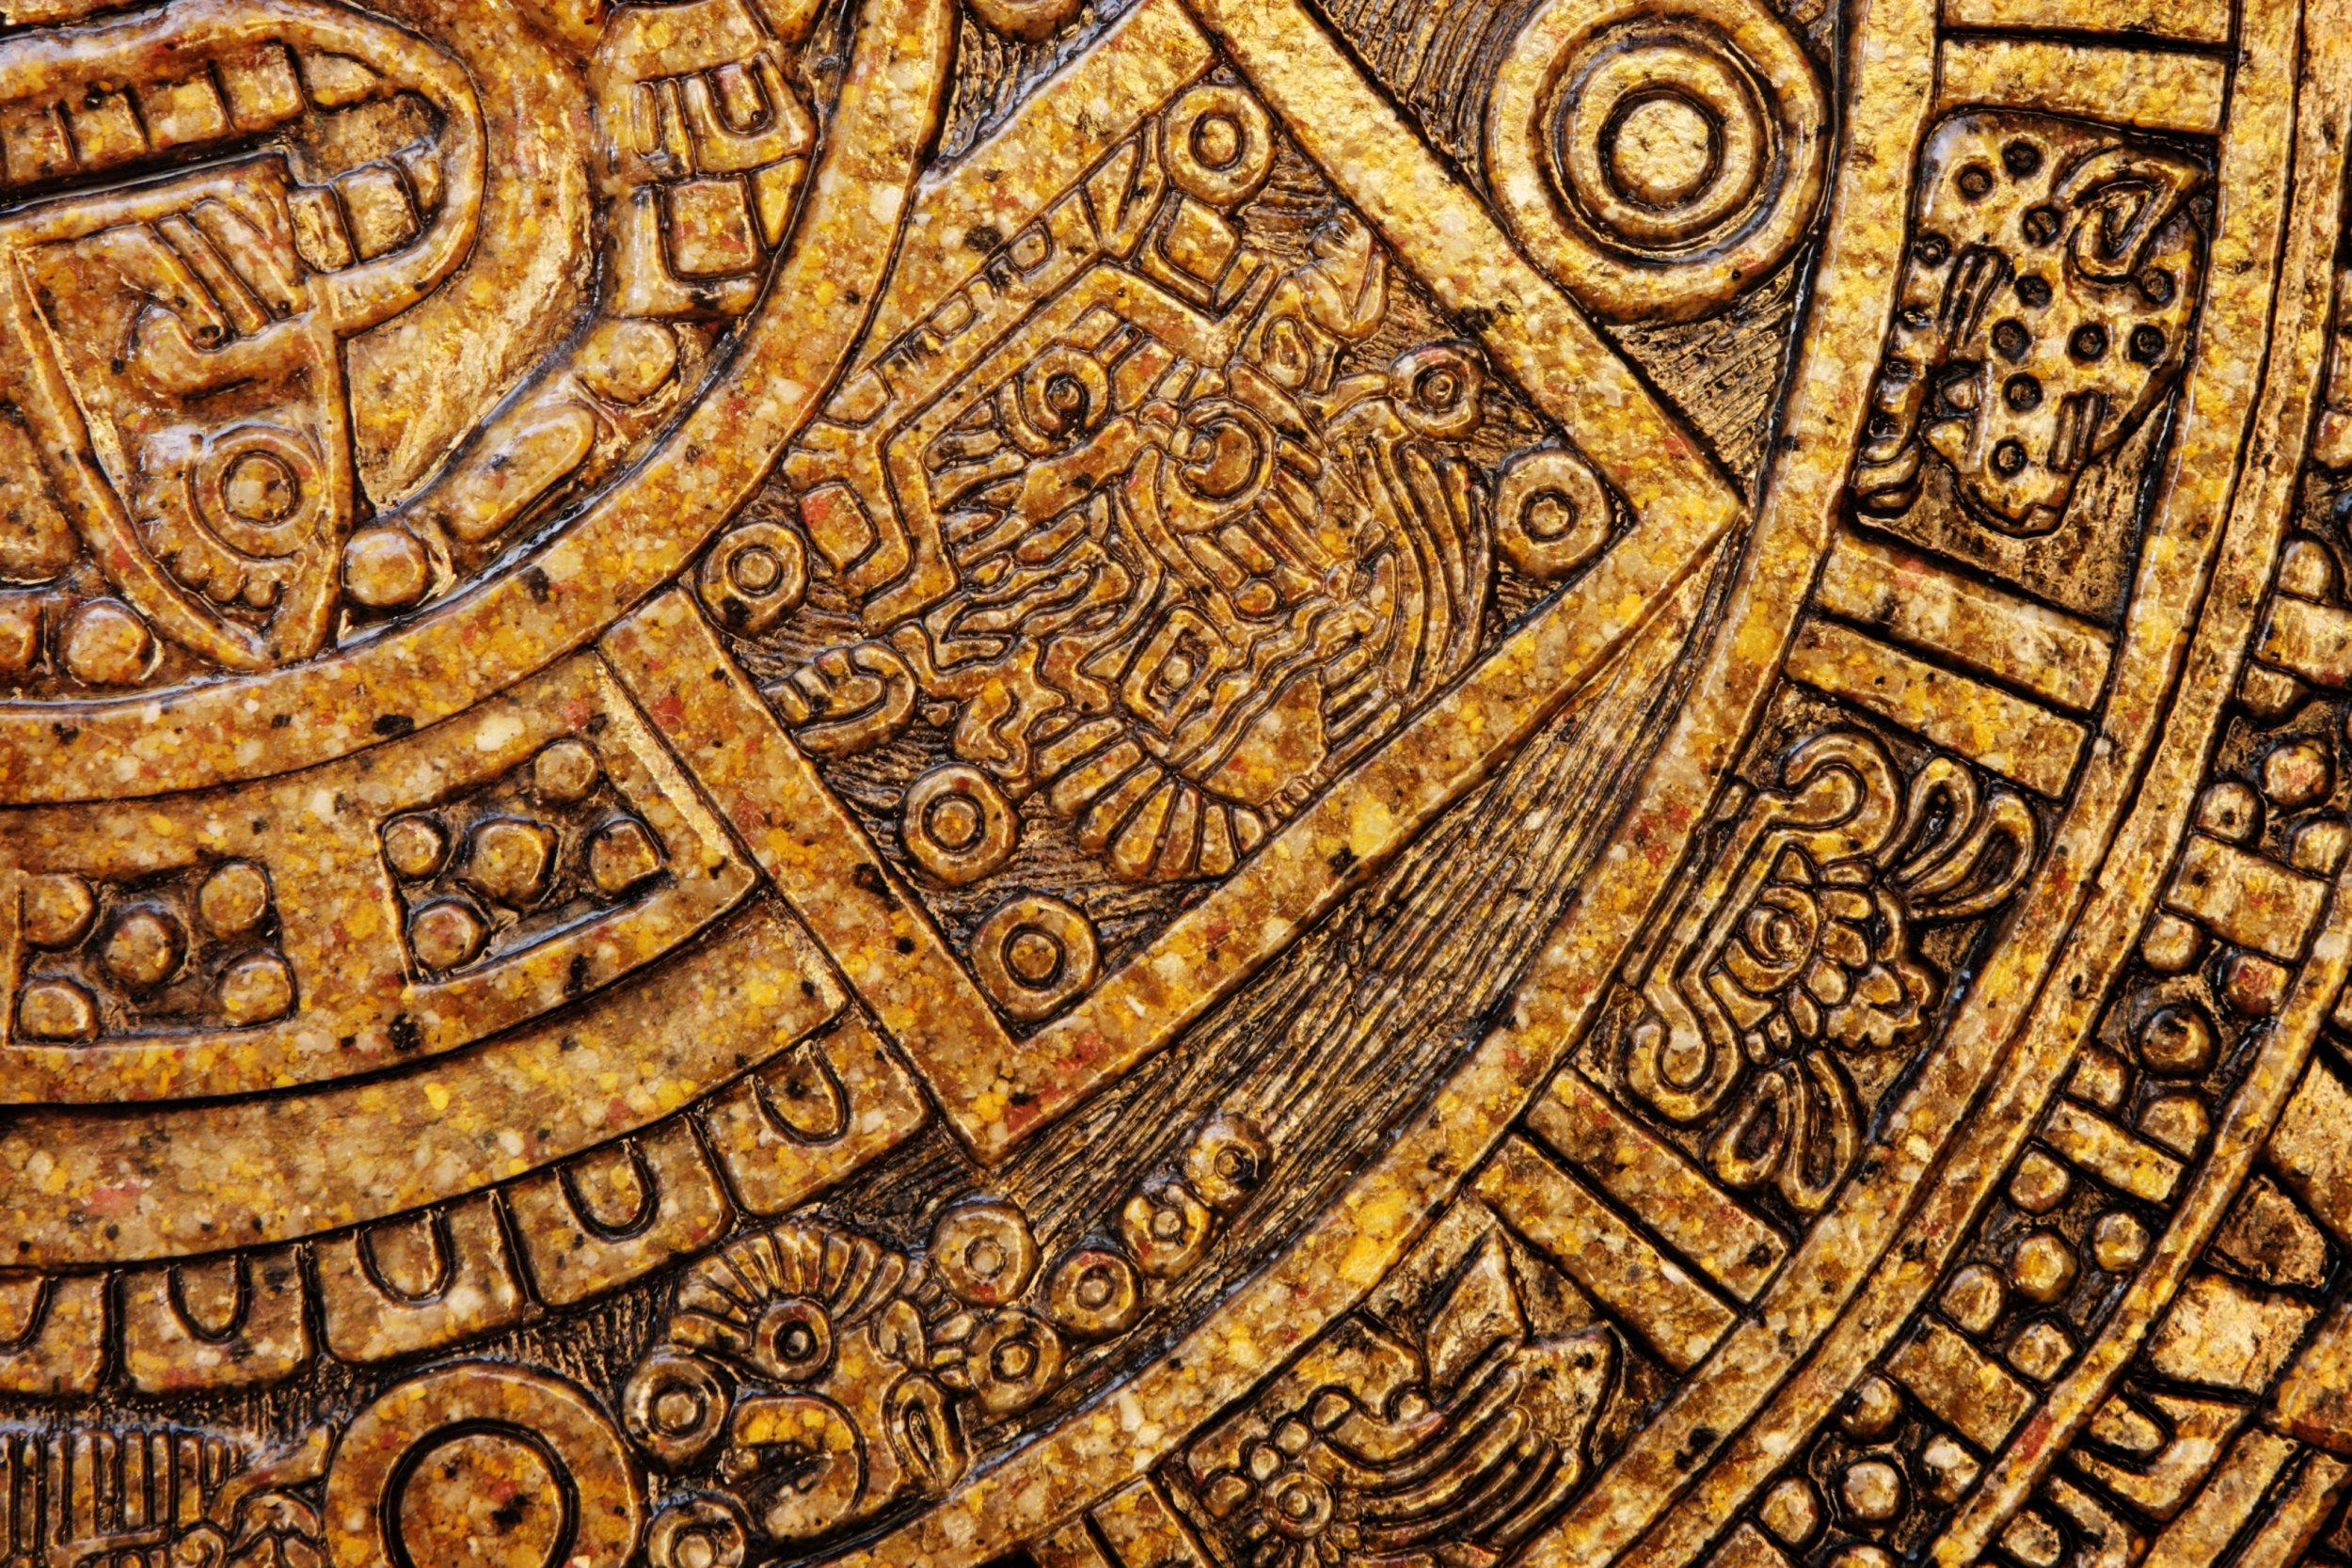 Aztec calender ceramic tile decor.